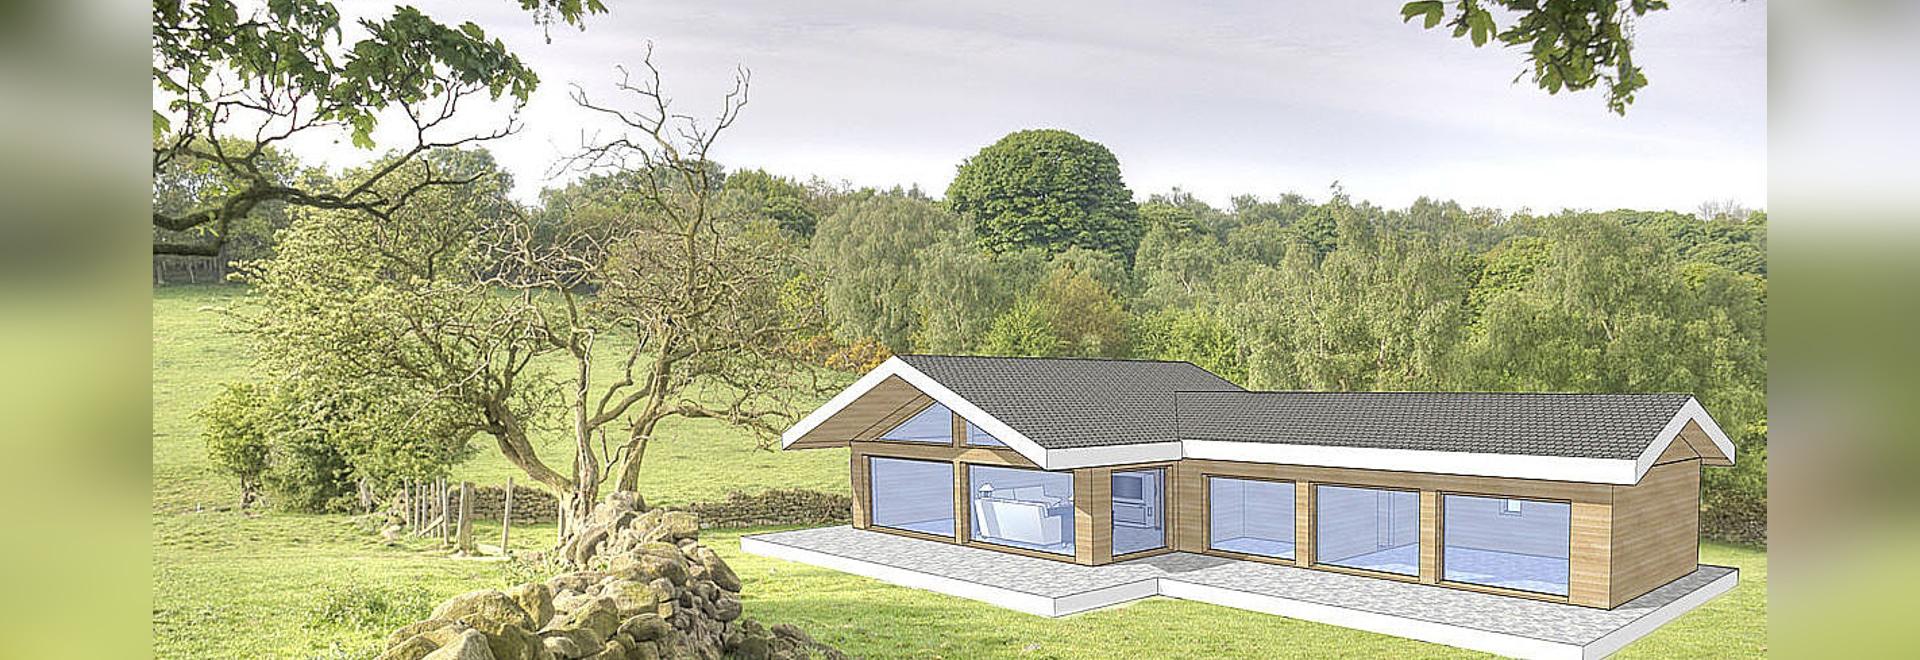 Awesome Entwerfen Sie Ihr Eigenes Haus Auf Eine Sehr Einfache Art